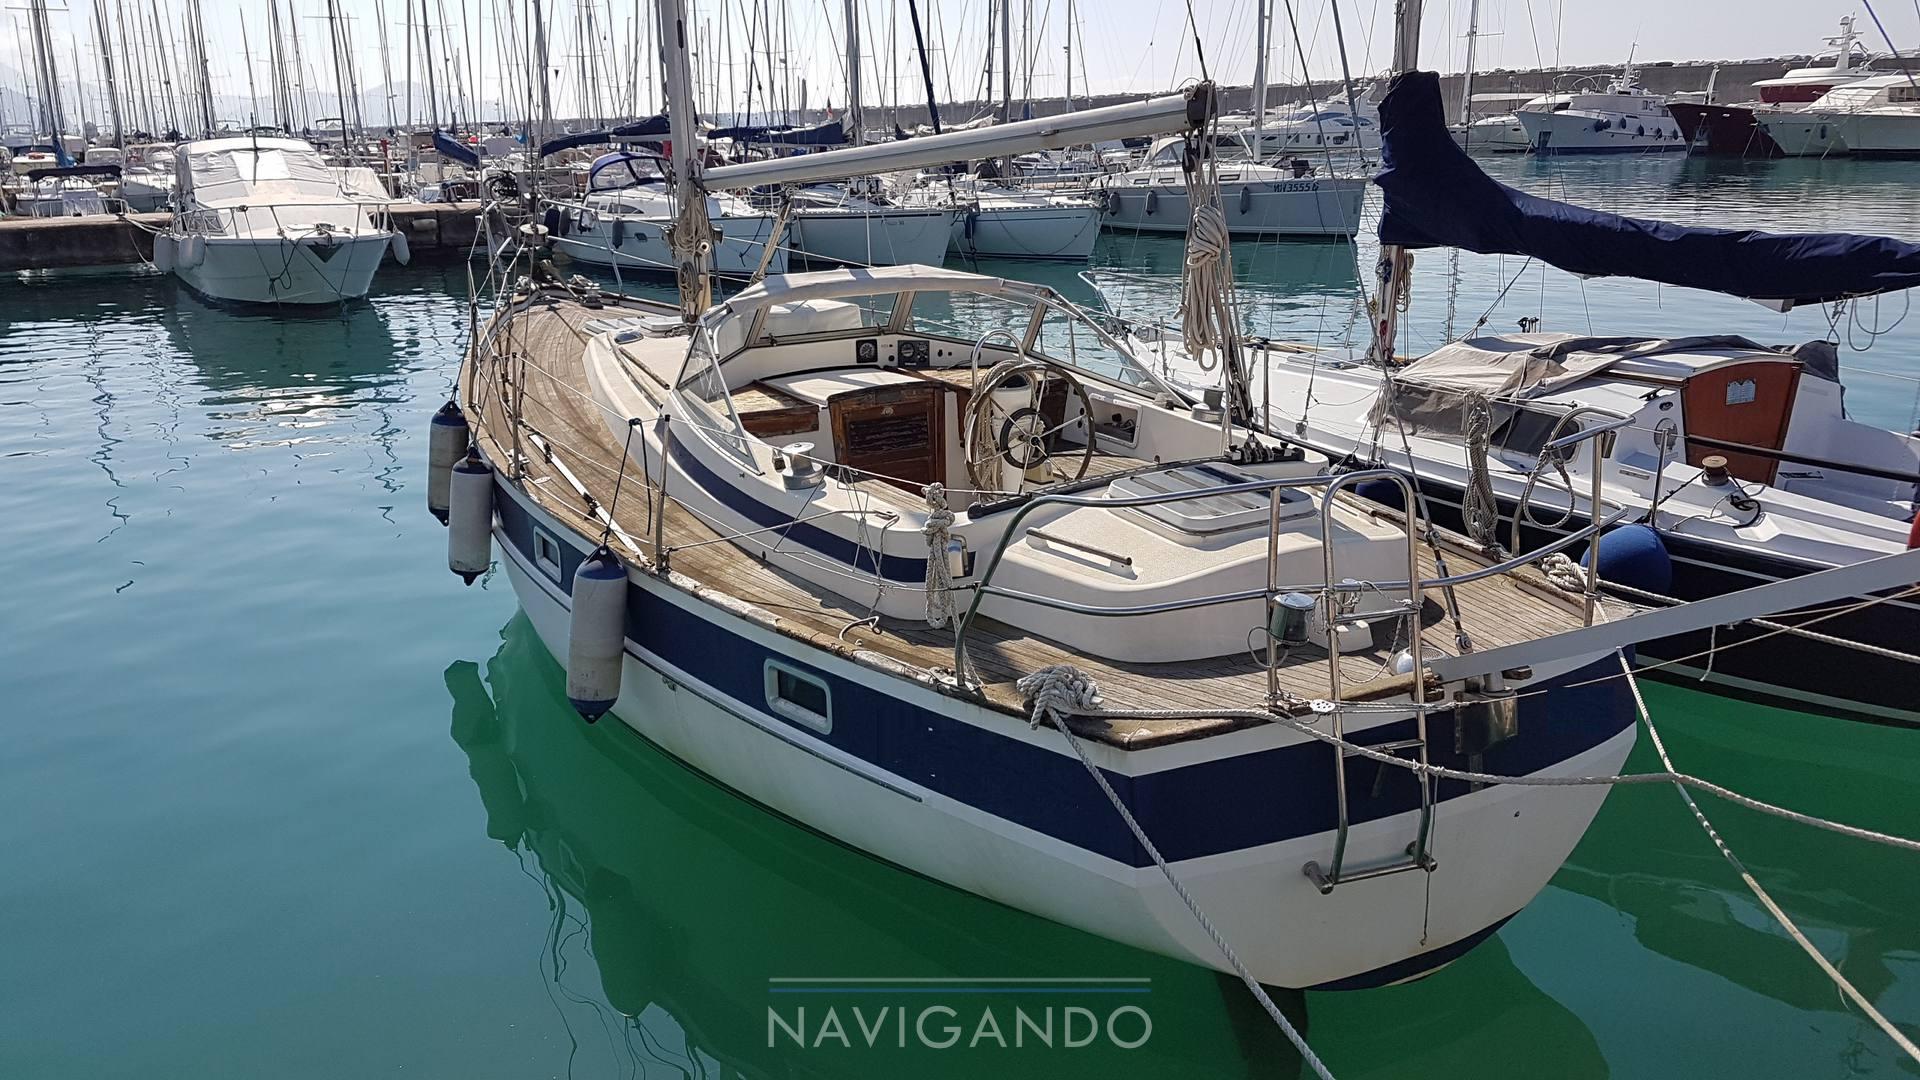 Hallberg rassy 352 barca a vela